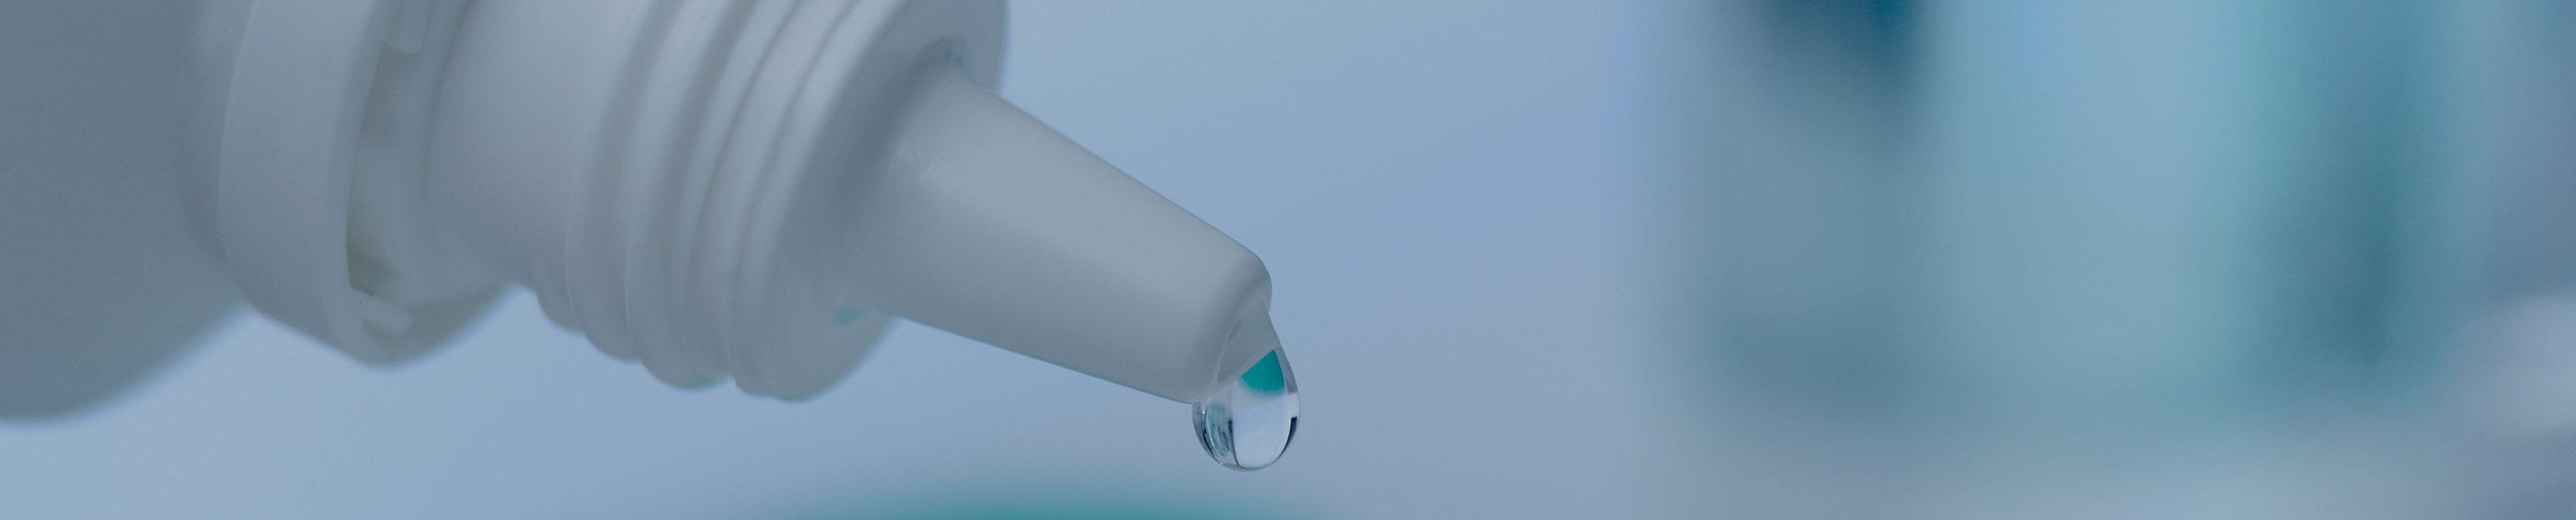 Kontaktlinse rensevæske i en kontaktlinsebeholder